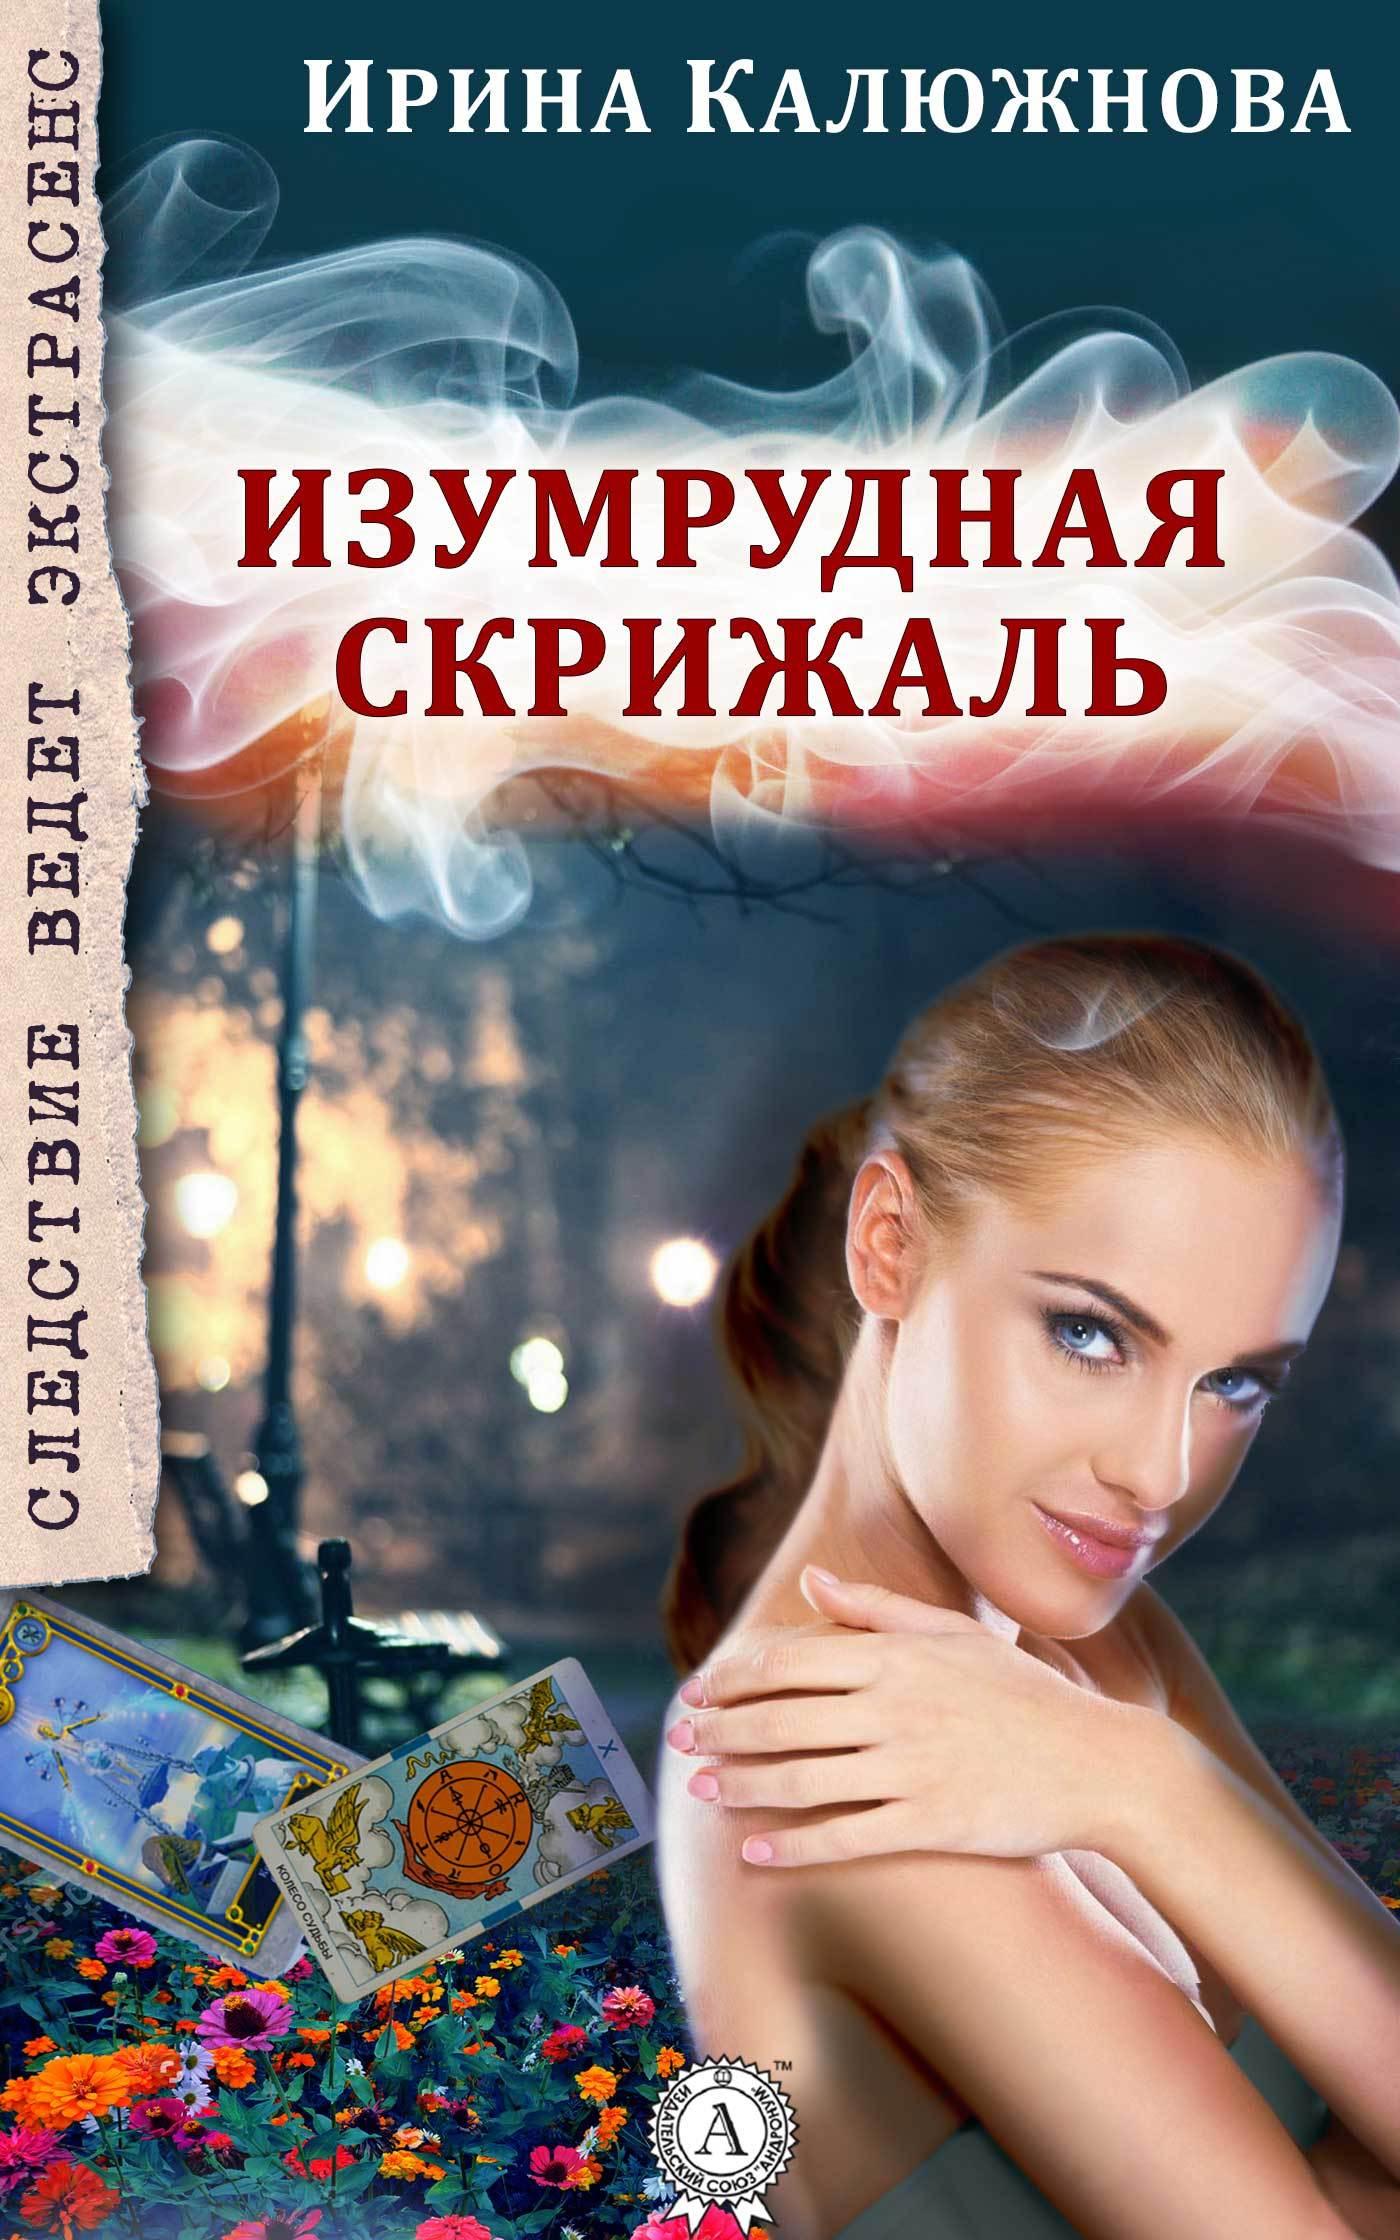 Ирина Калюжнова - Изумрудная скрижаль